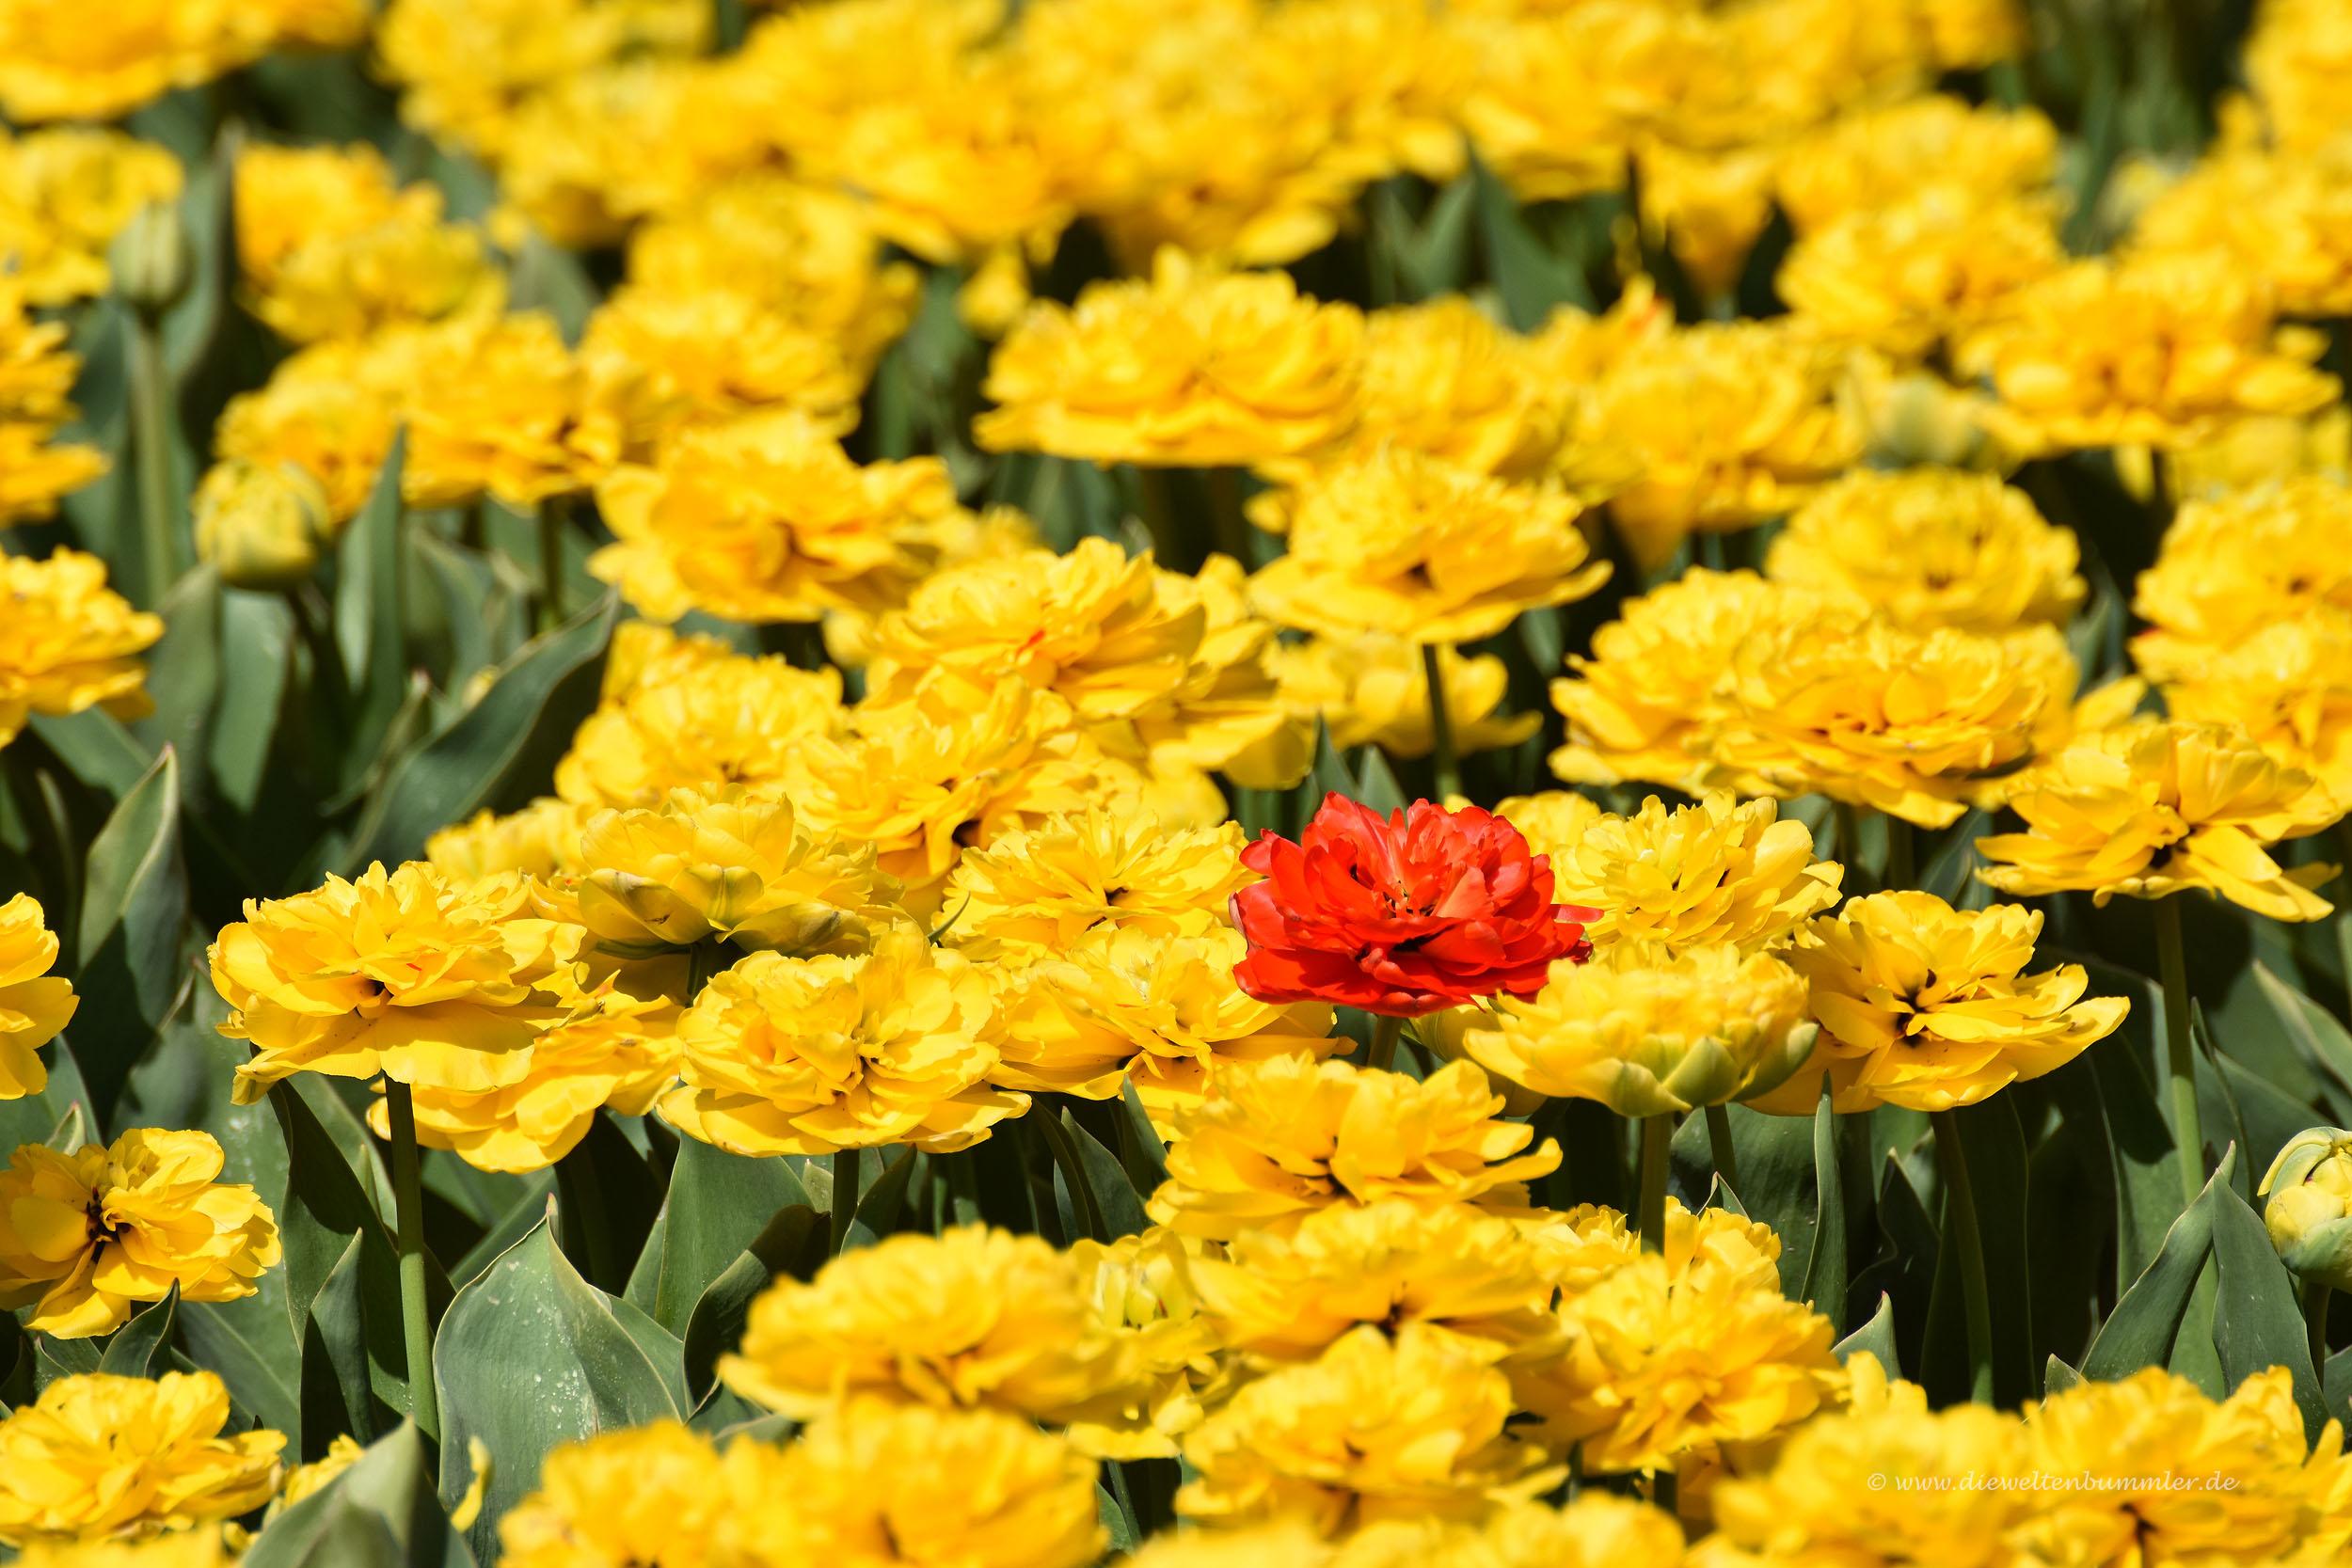 Rote Tulpe im gelben Feld